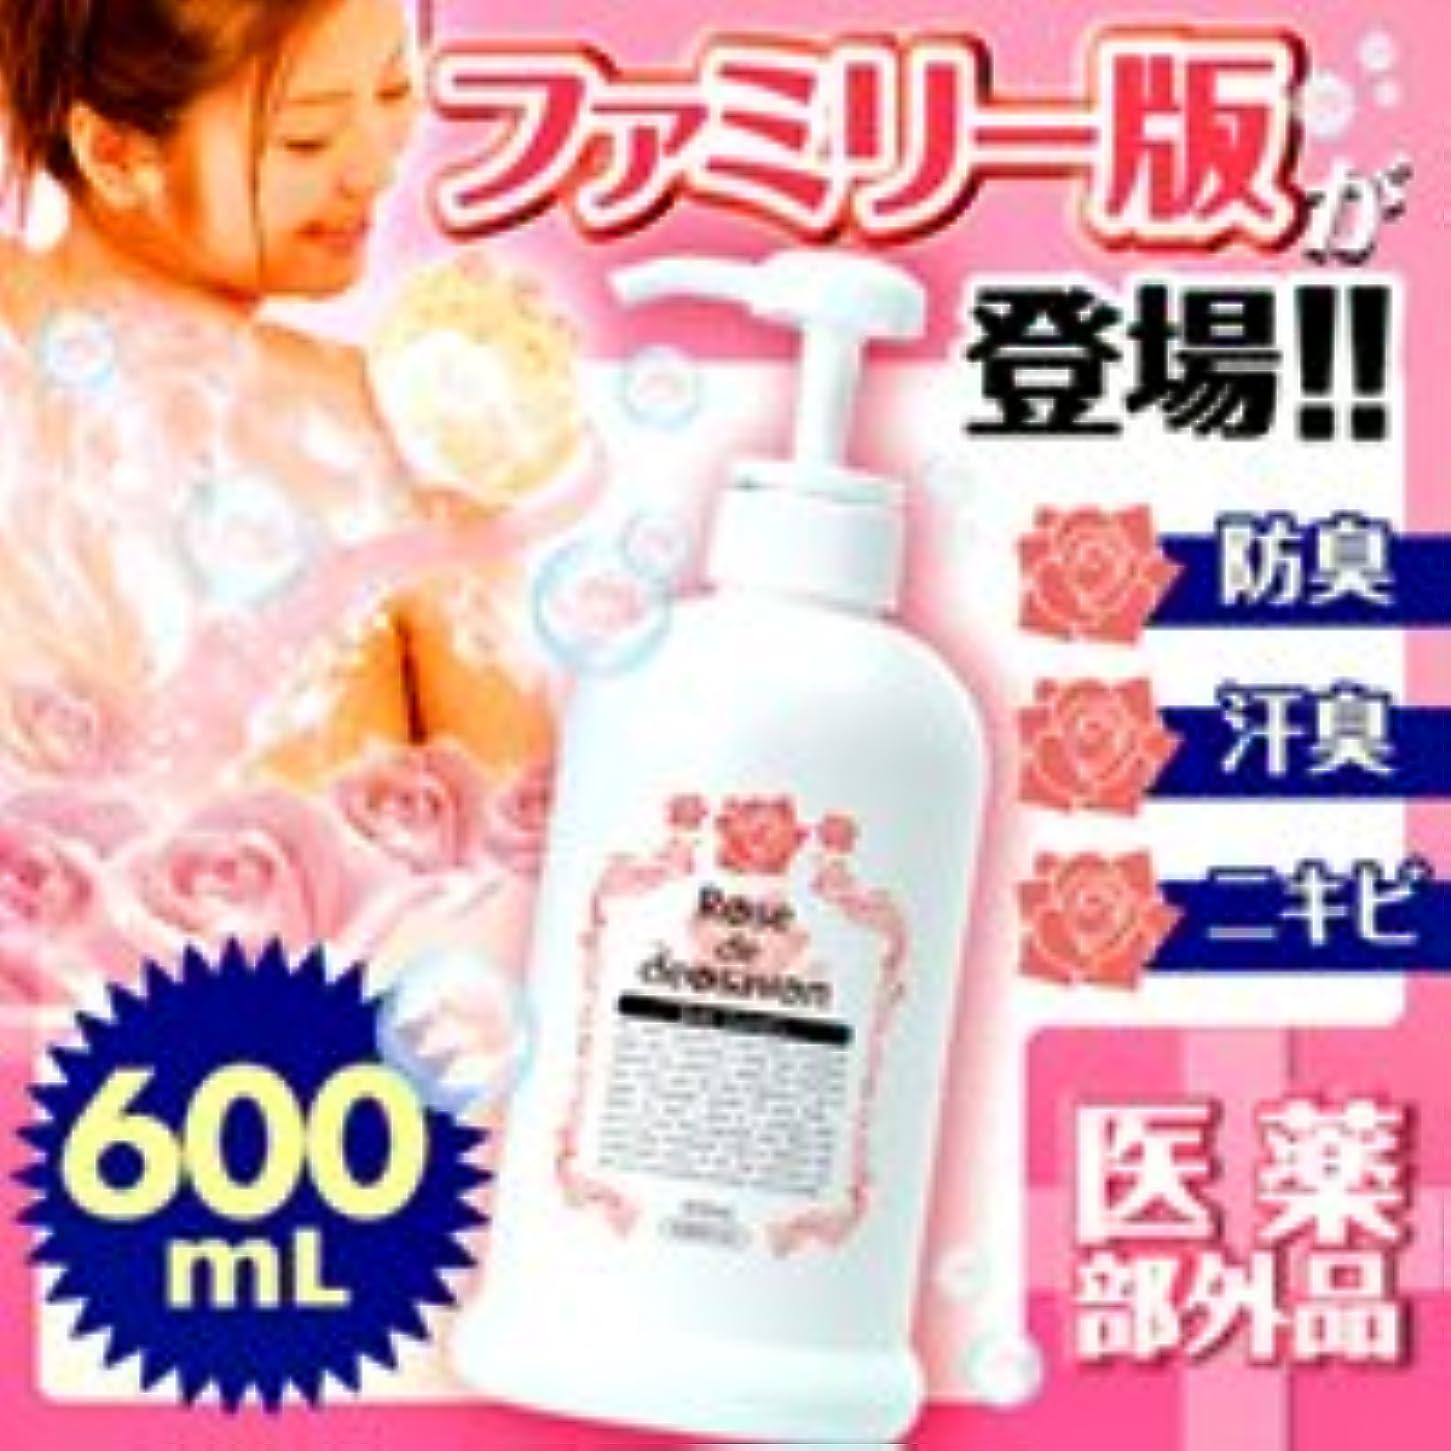 ほめるポンプエレベーターローズドデオシャボン 増量版600ml ※体臭や加齢臭対策に大人気!ファミリー版新登場です!